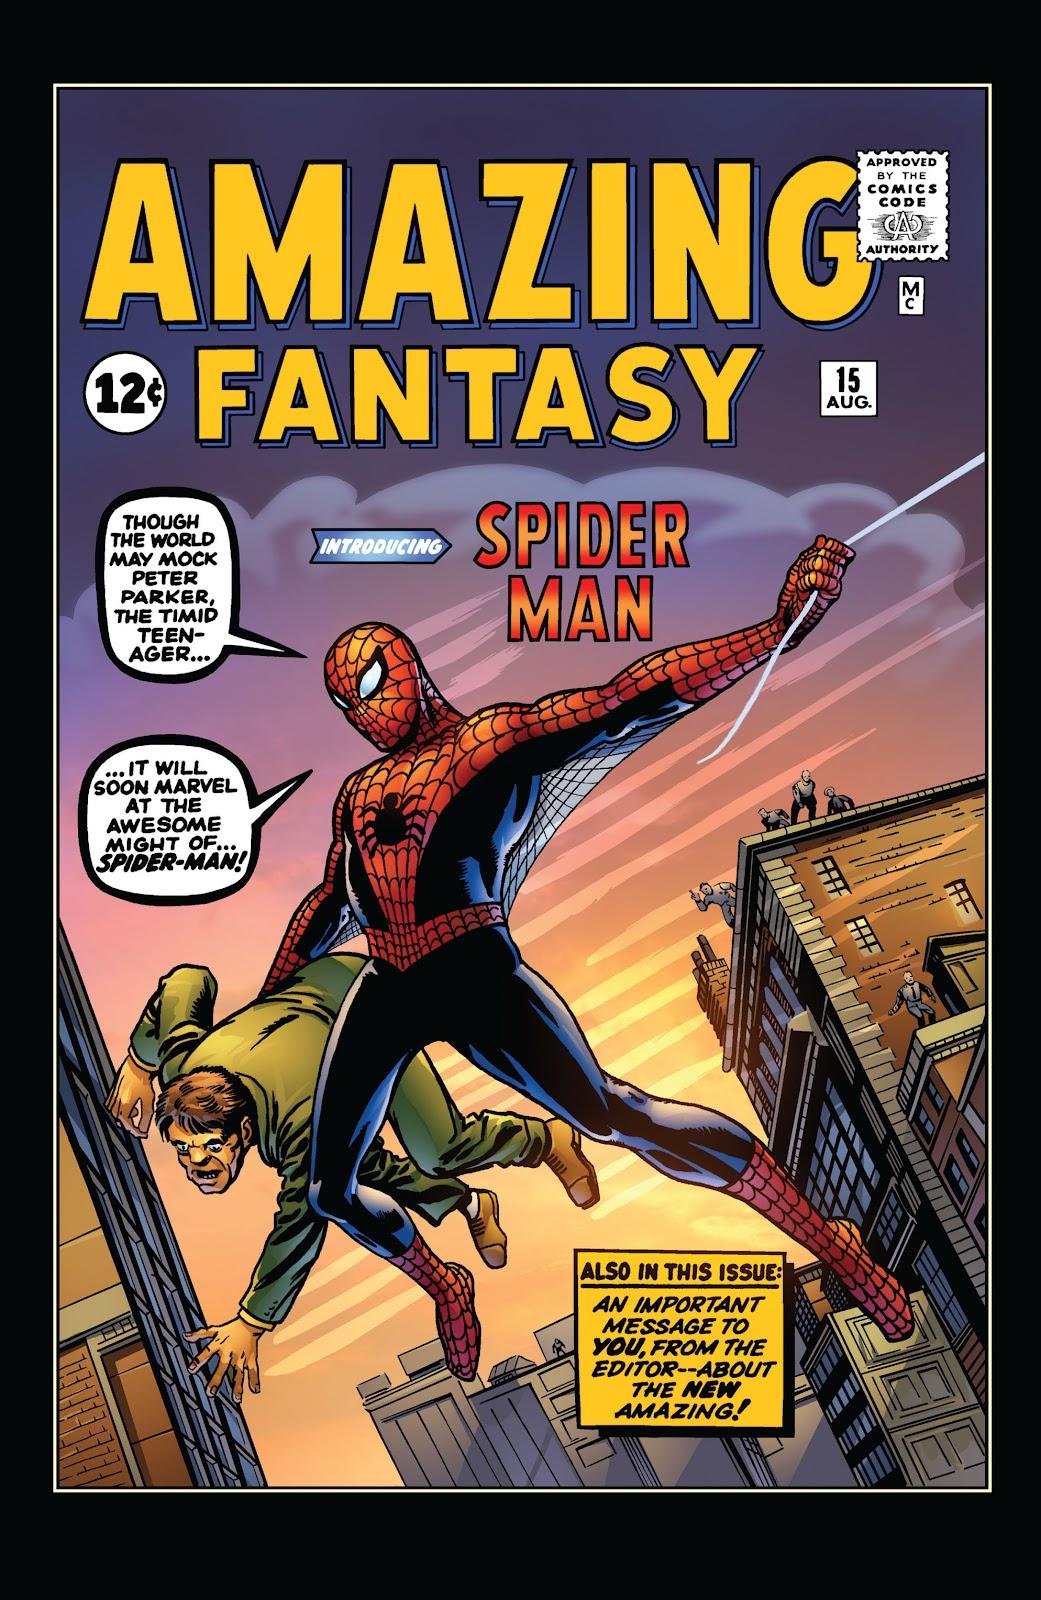 Amazing Fantasy #15: Spider-Man! Full #1 - English 2